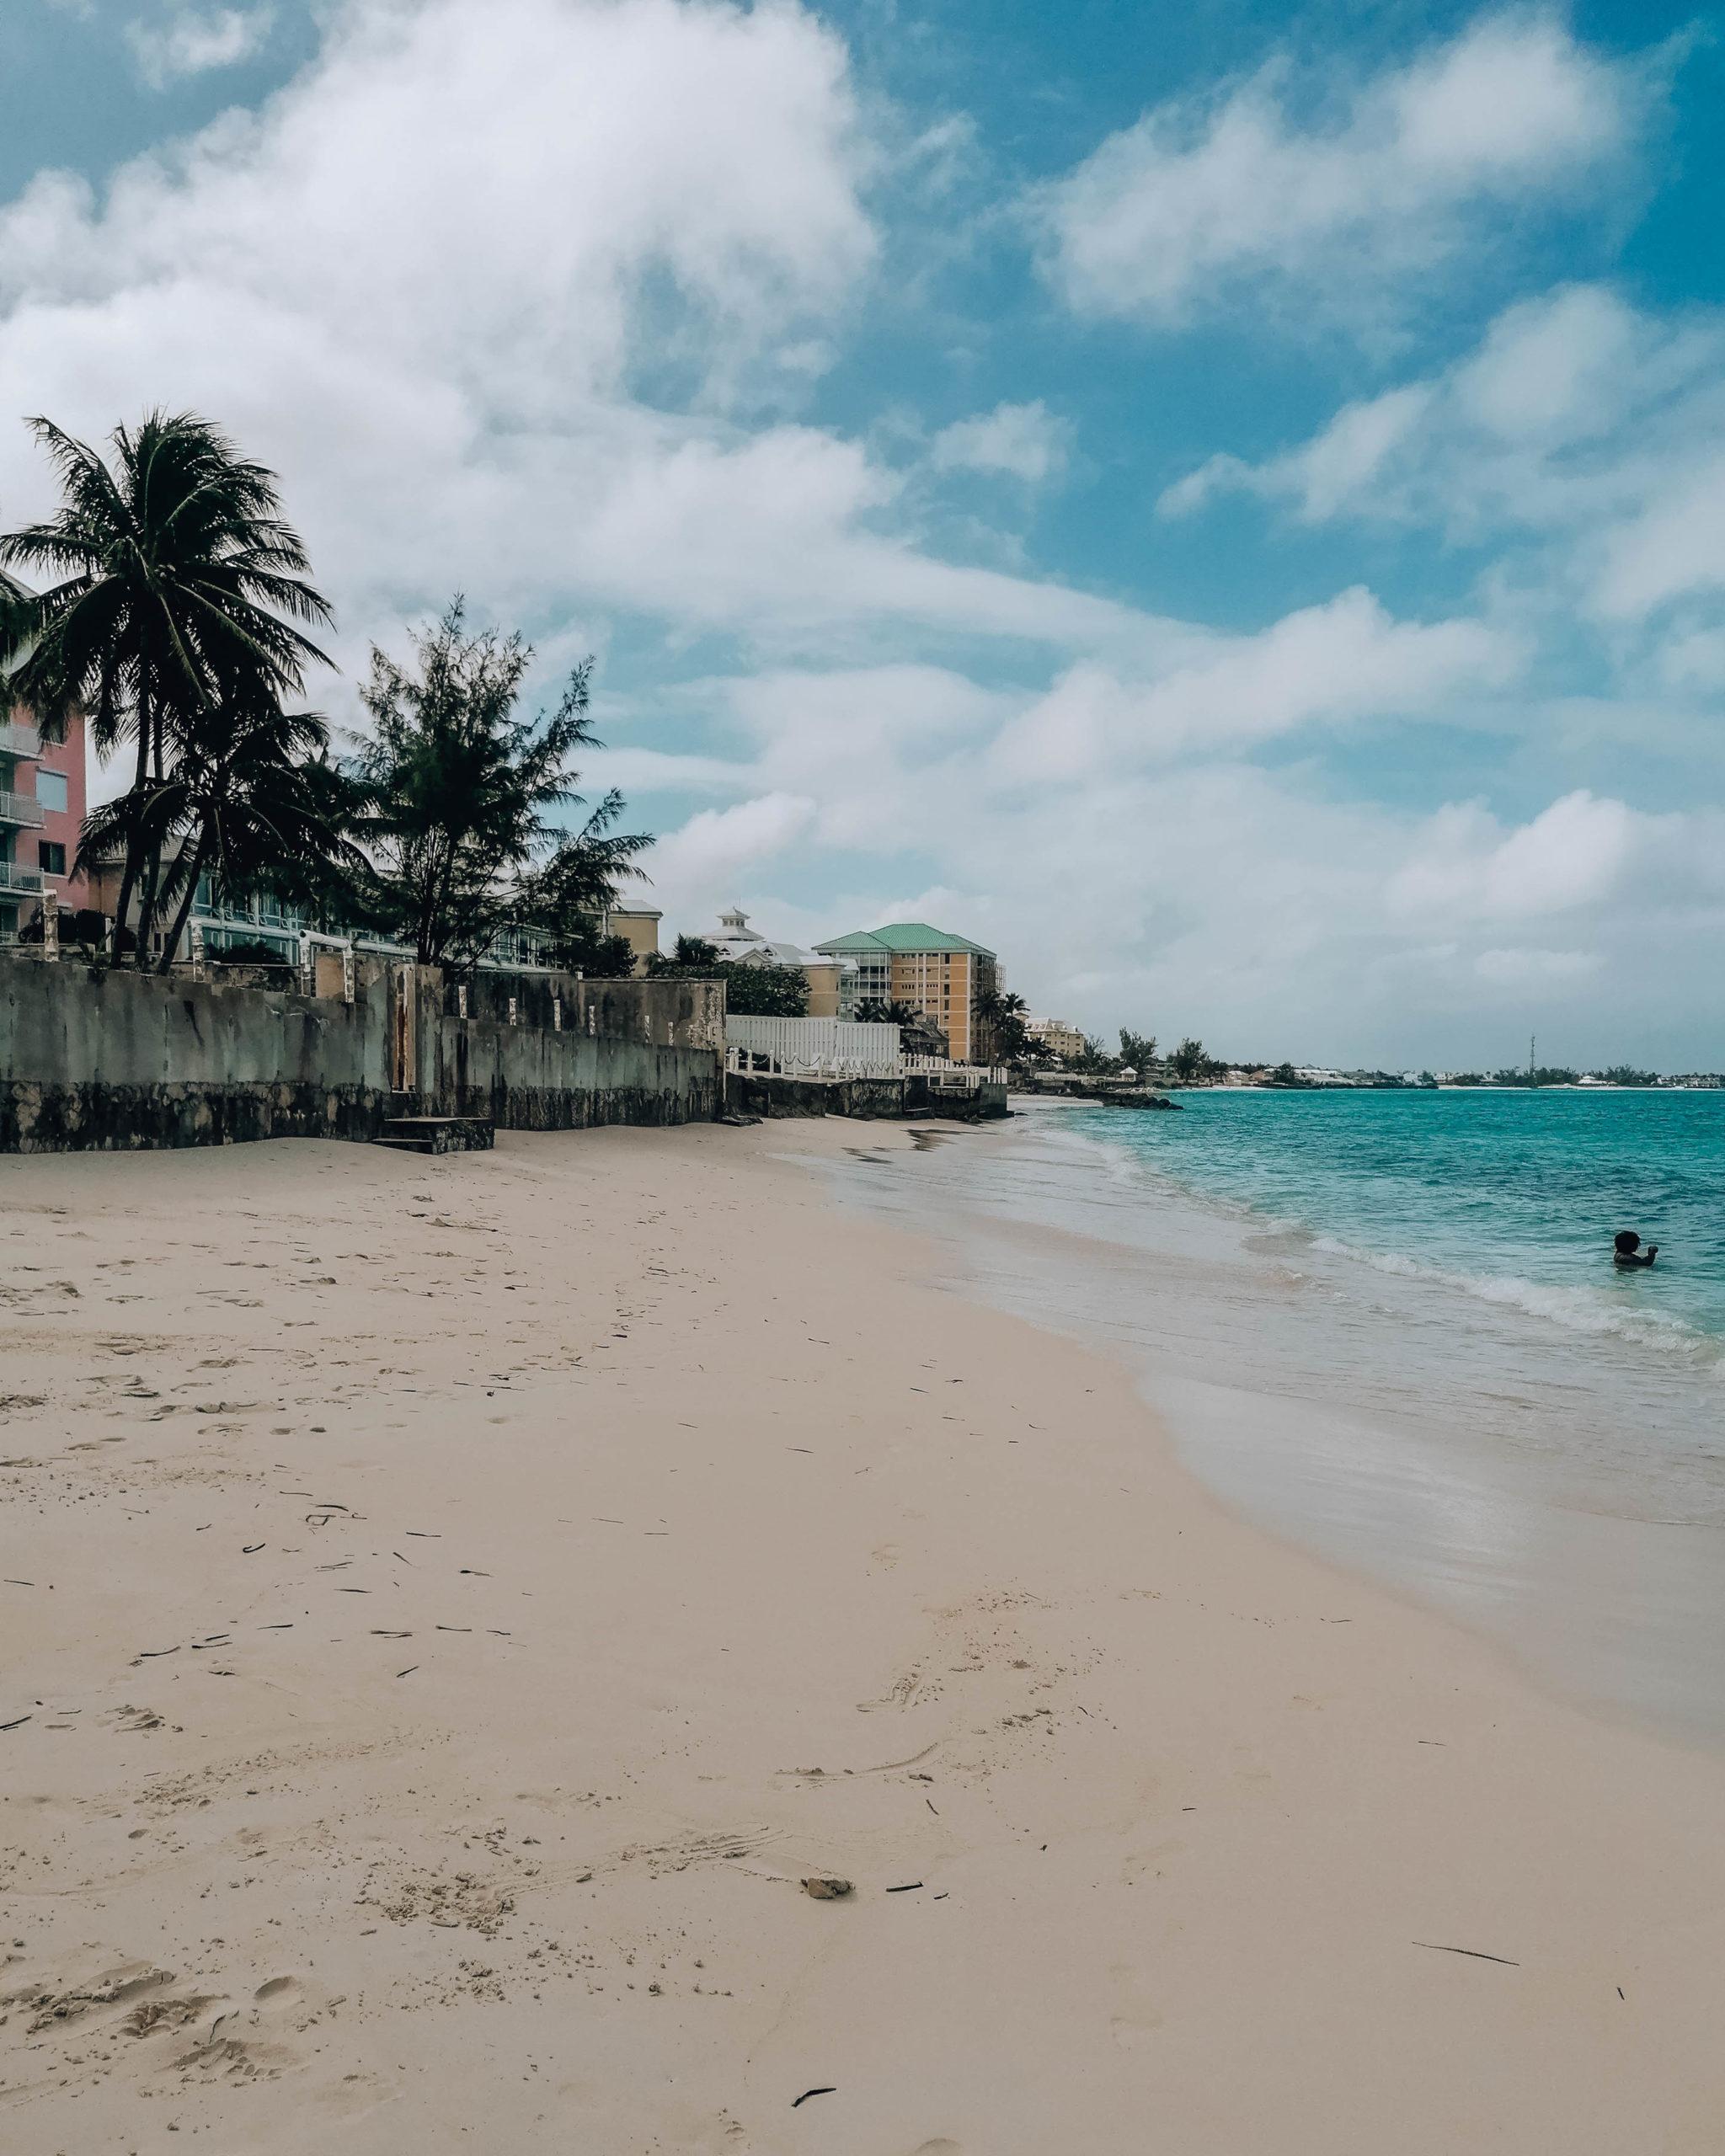 spiaggia caraibica con palme